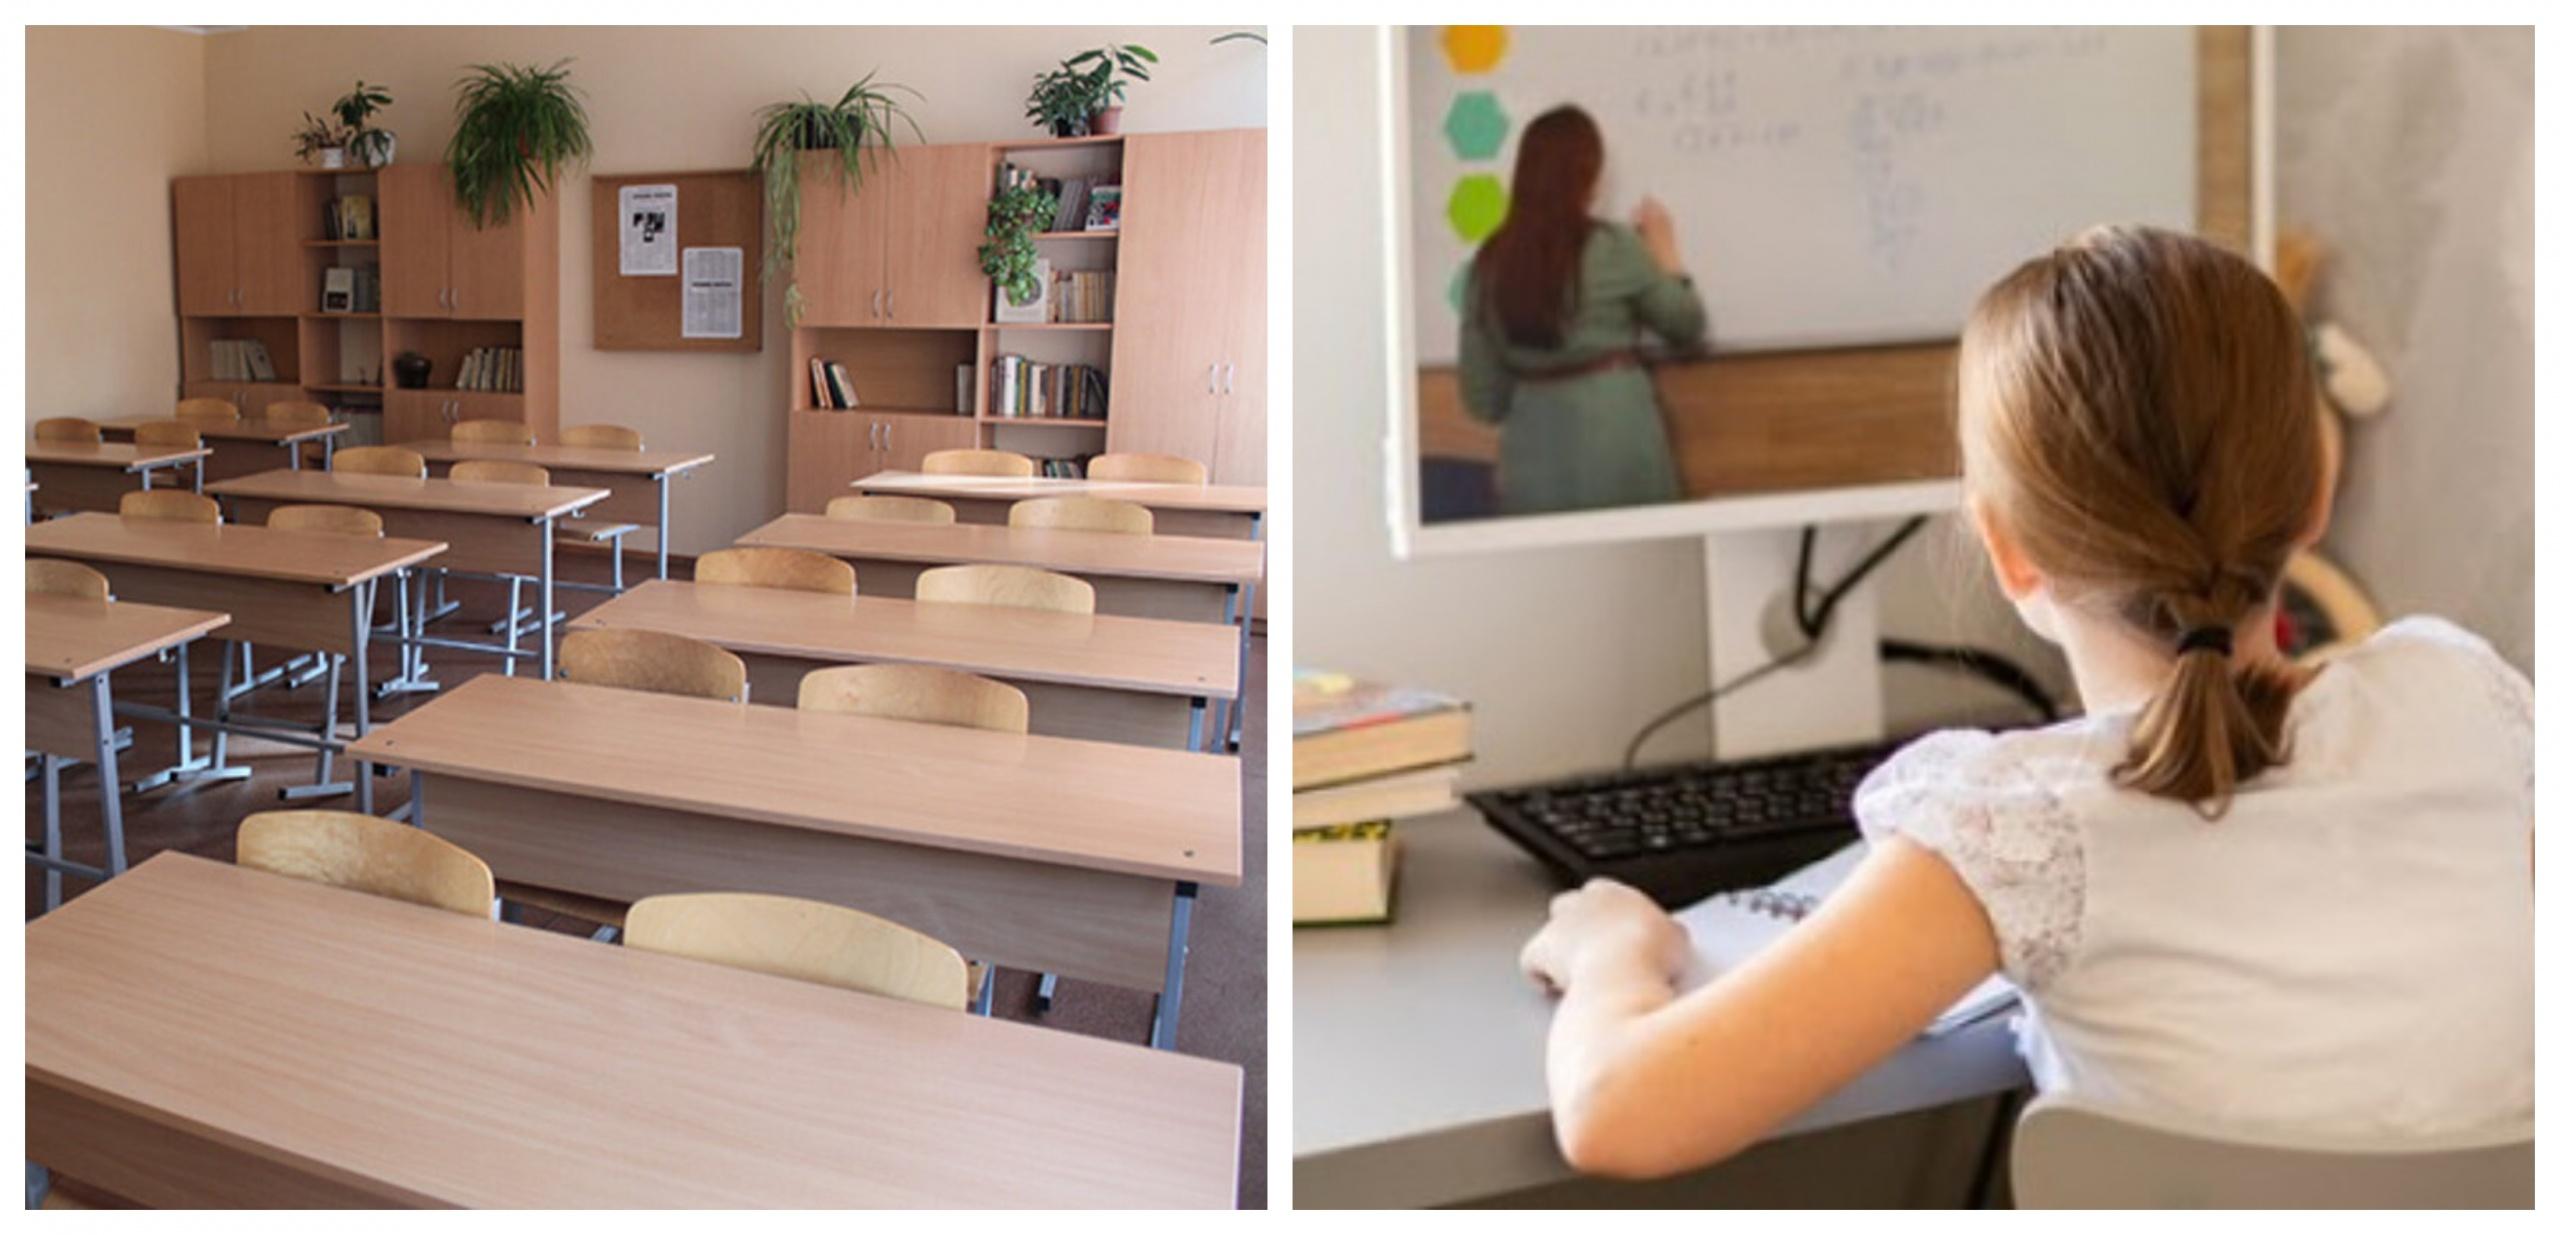 Mokinių atostogos baigiasi: pamokos vyks nuotoliniu būdu 15